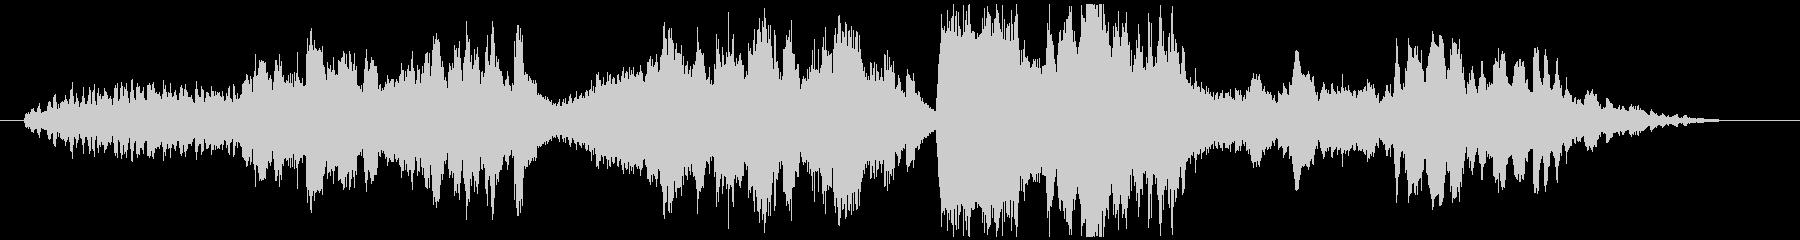 ホルスト「惑星」より木星(ジュピター)の未再生の波形